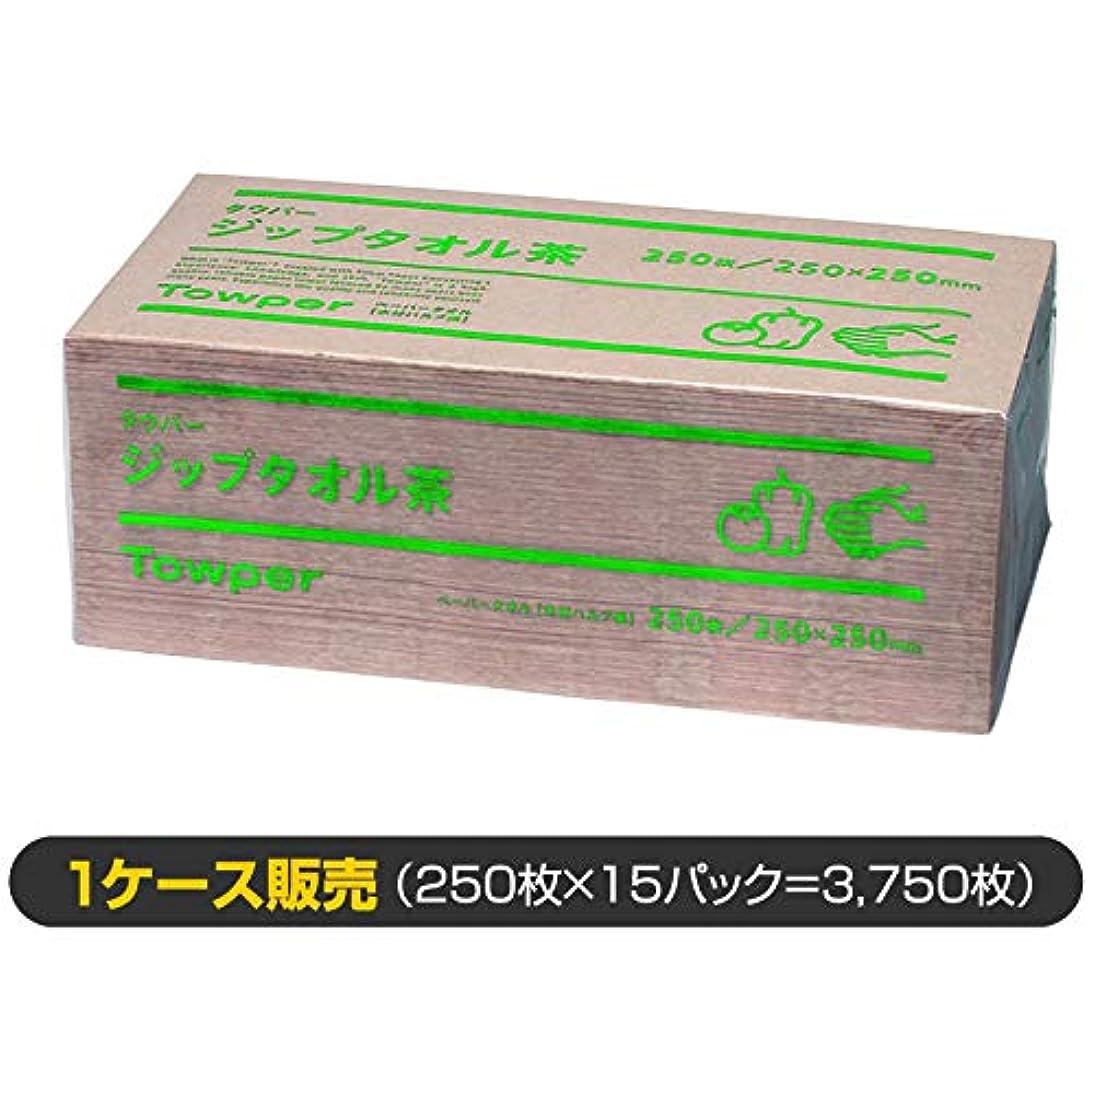 領域協定わかるペーパータオル ジップタオル(茶) /1ケース販売(清潔キレイ館/大判サイズ用)